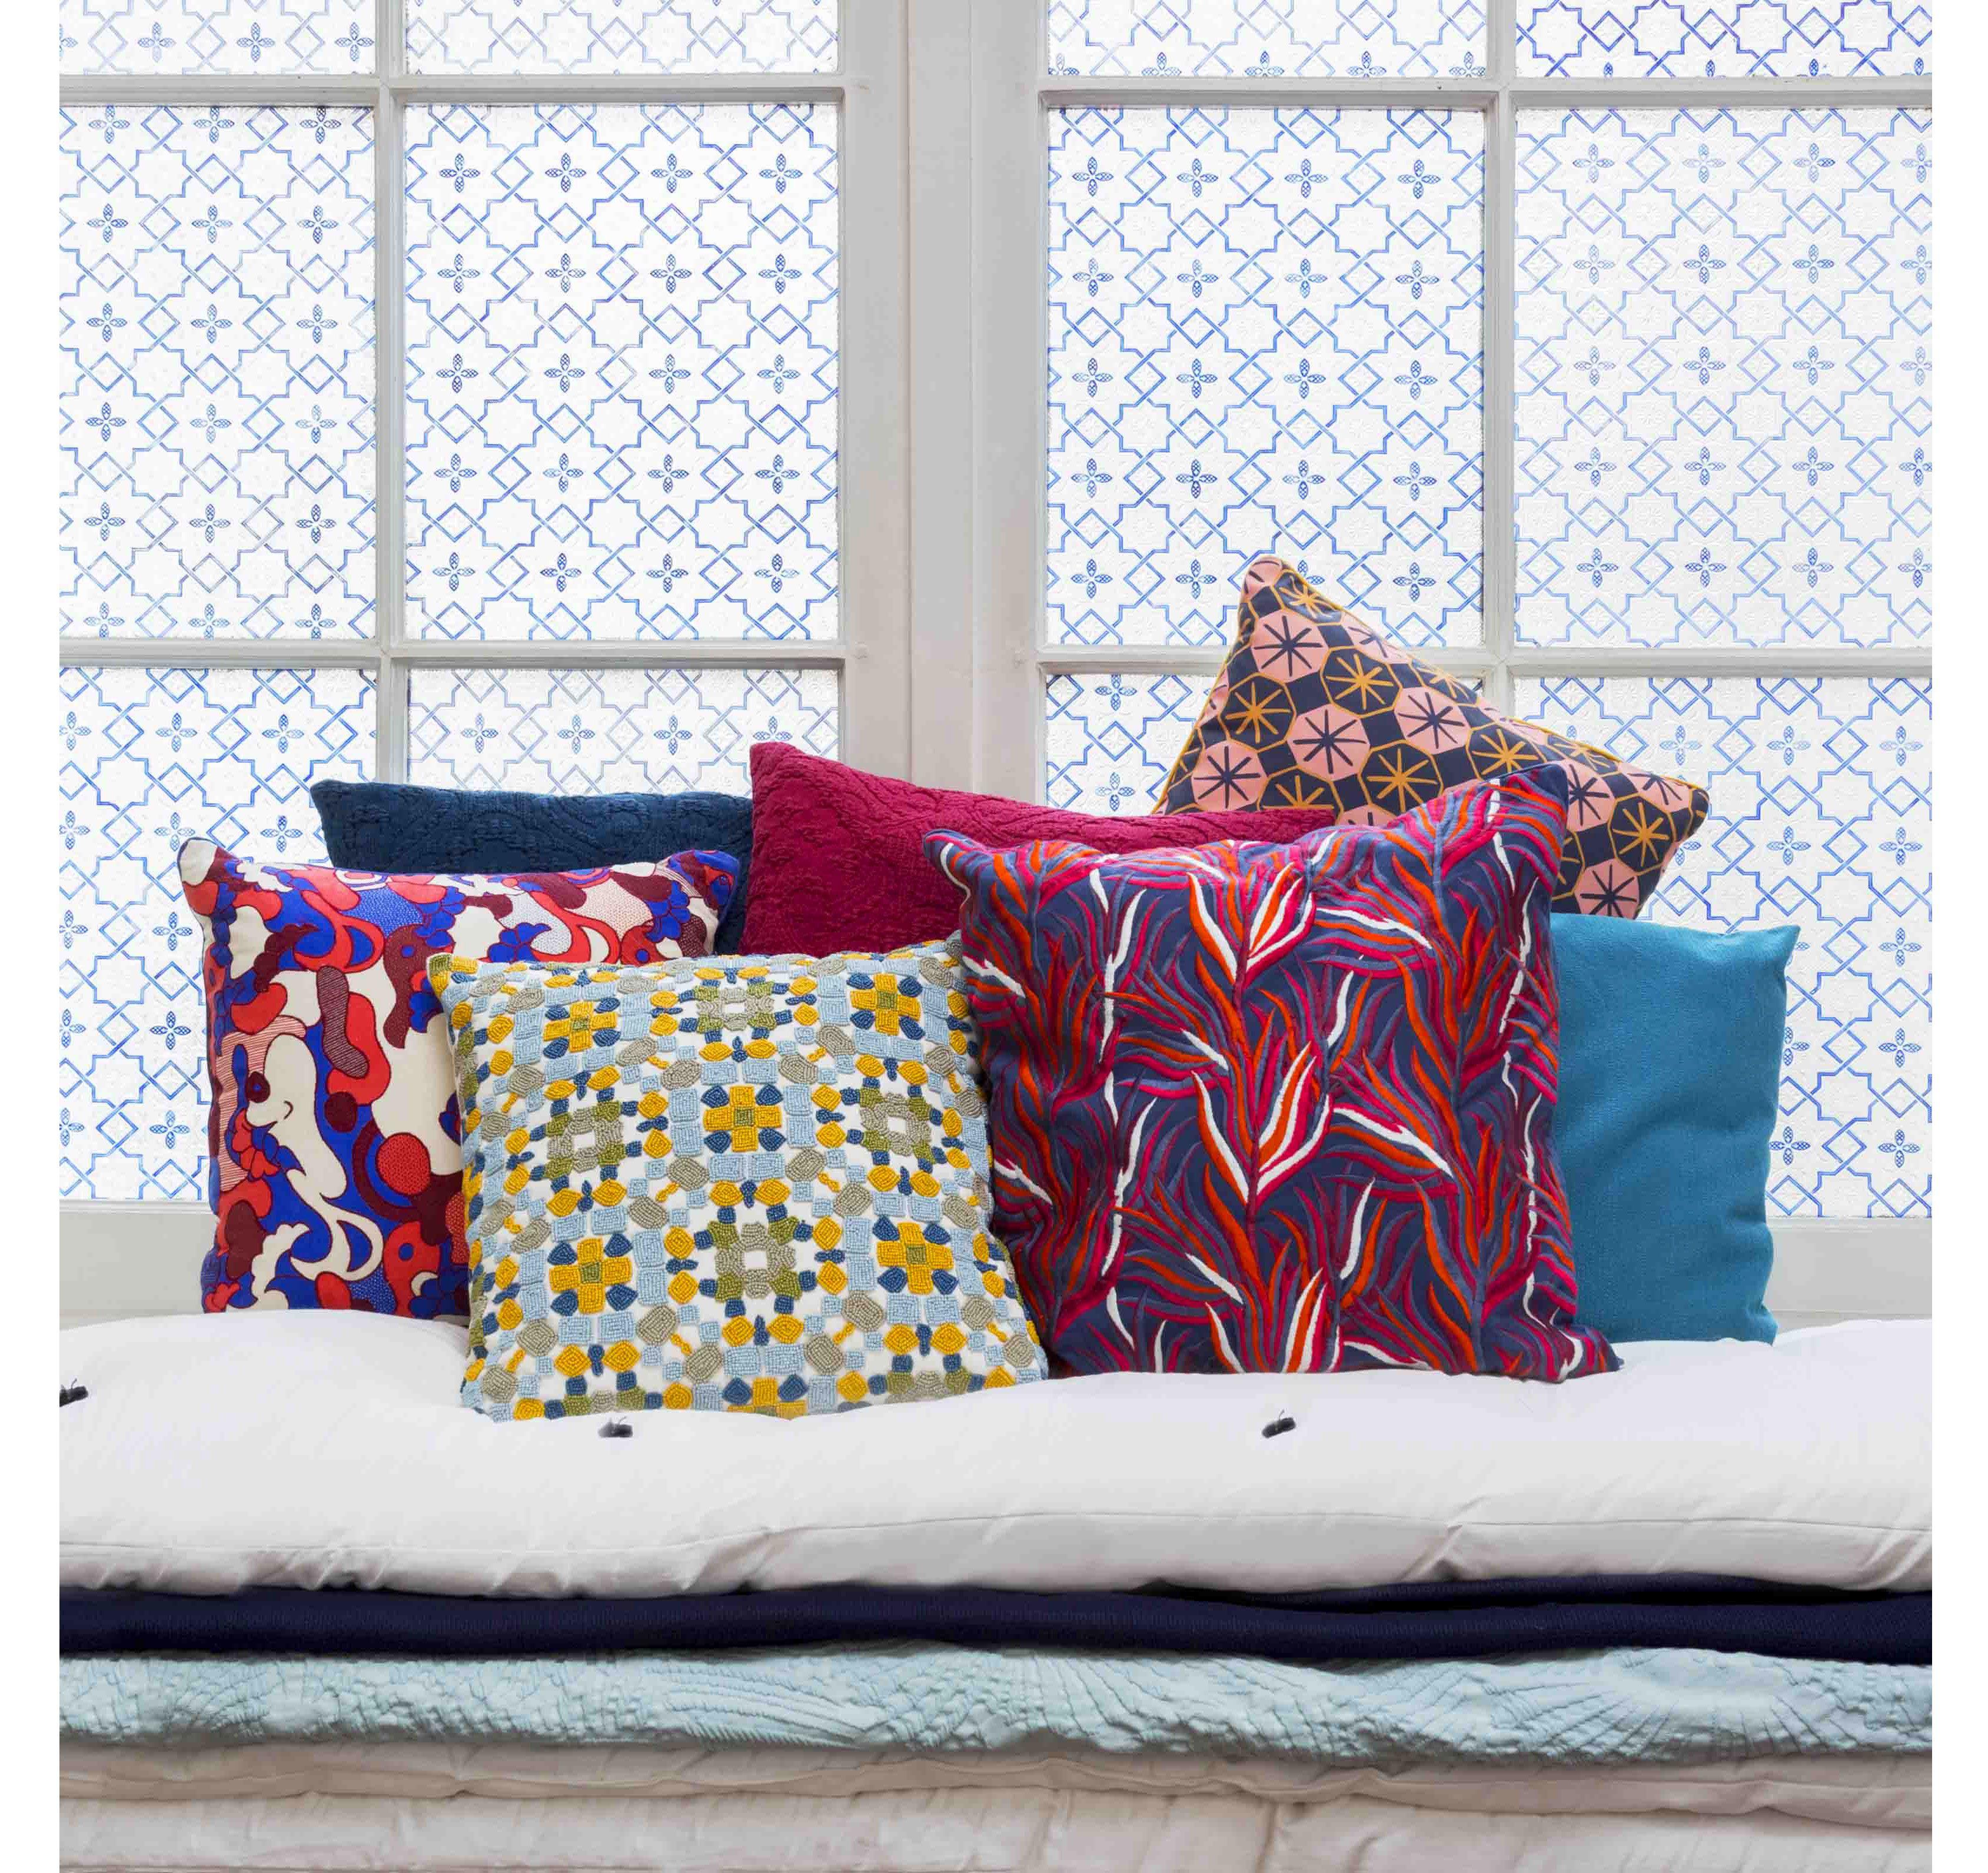 Habitat Design Les Coussins Habitat Aux Motifs Geometrique Colores Sont De Vrais Oeuvre D Art De Quoi Rechauffer V Coussin Habitat Coussin Imprime Coussin